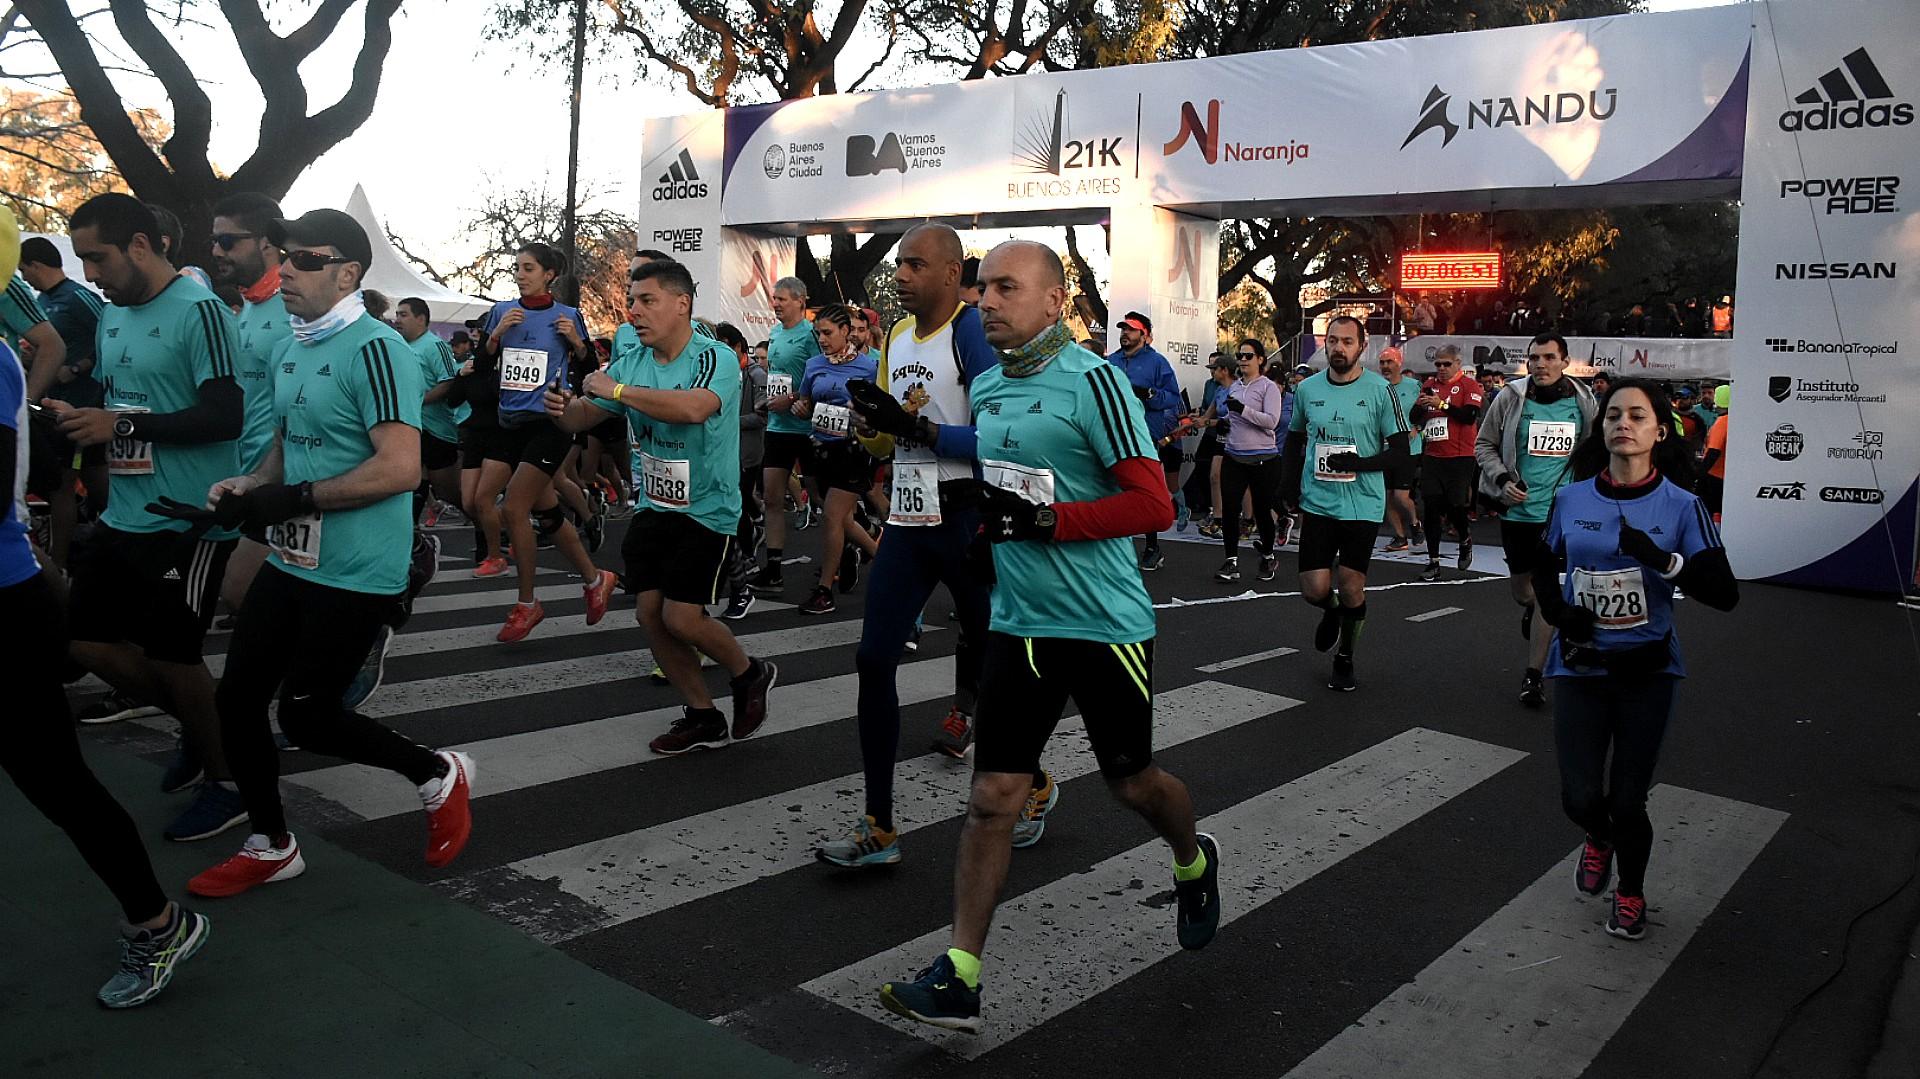 Los corredores, abrigados, comienzan a partir en una gélida mañana de domingo